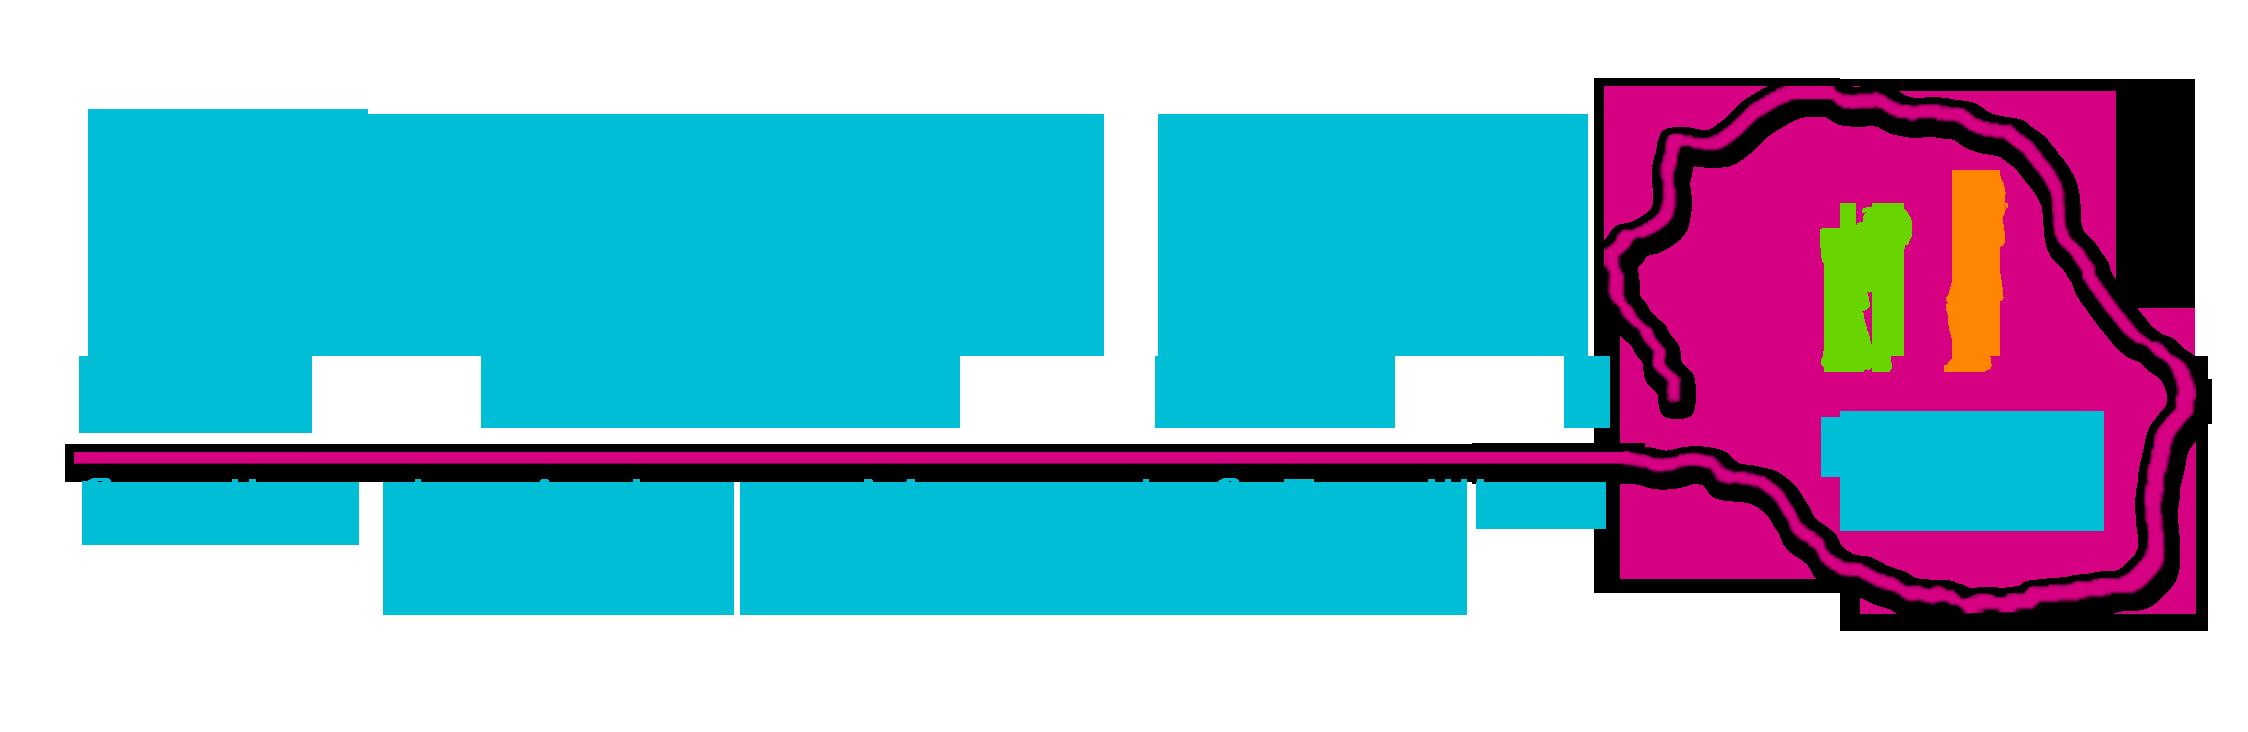 SAMFFA 974 - Syndicat des assistants maternels, assistants familiaux et accueillants familiaux de la Réunion - SAMFFA 974